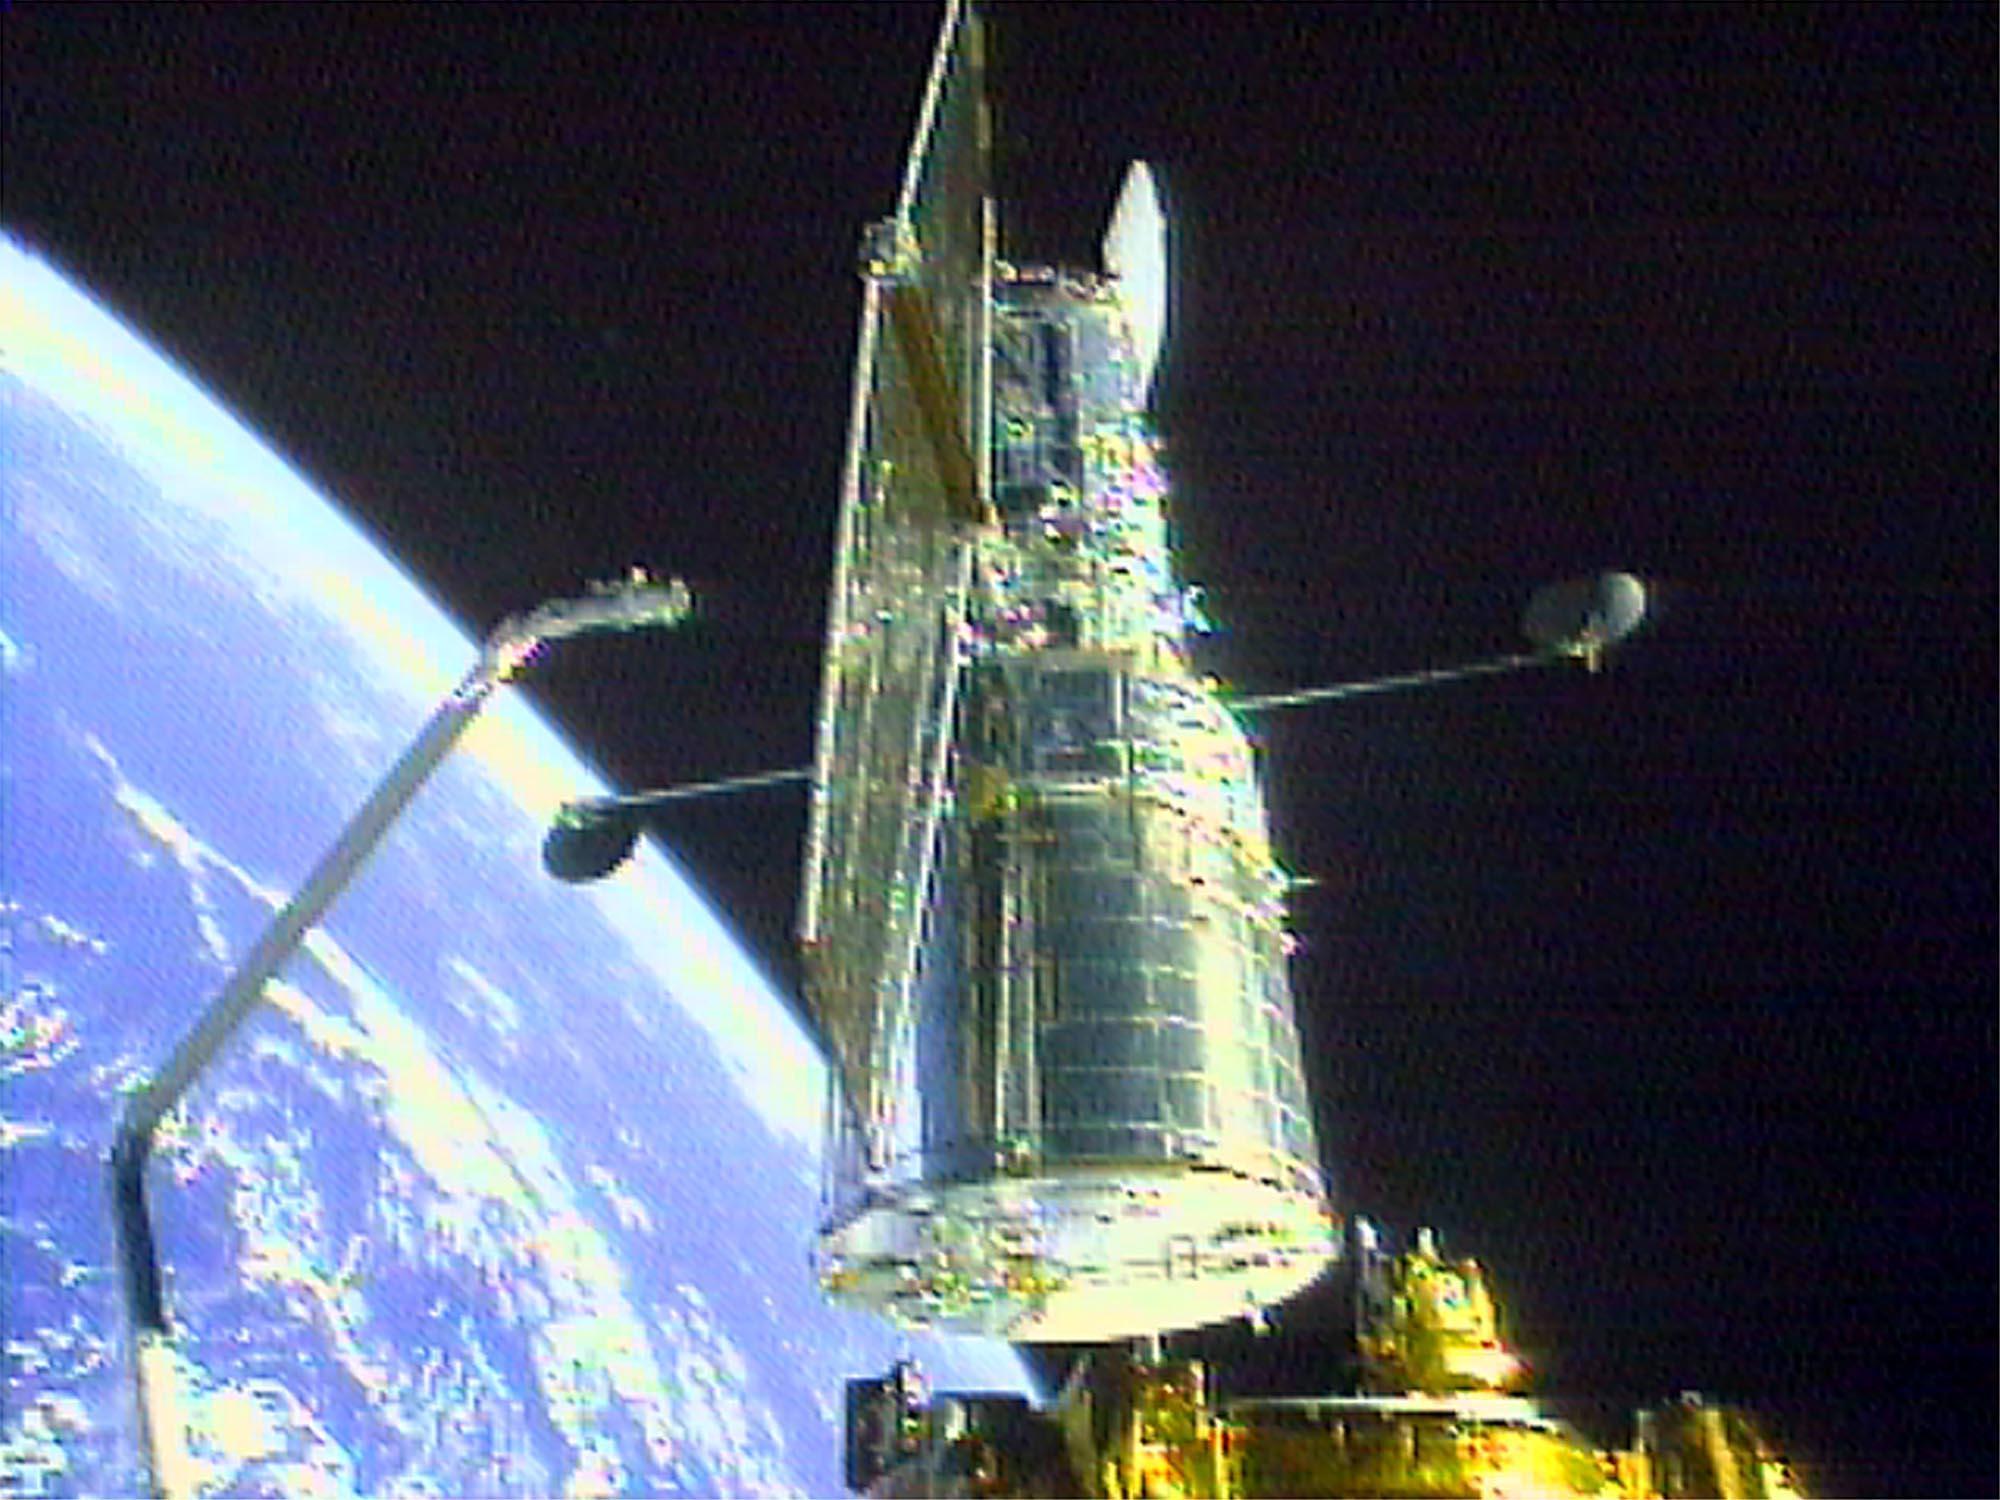 """1999 - Nach erfolgreicher Reparatur des Weltraumteleskops """"Hubble"""" landet die amerikanische Raumfähre """"Discovery"""" in Cape Canaveral."""